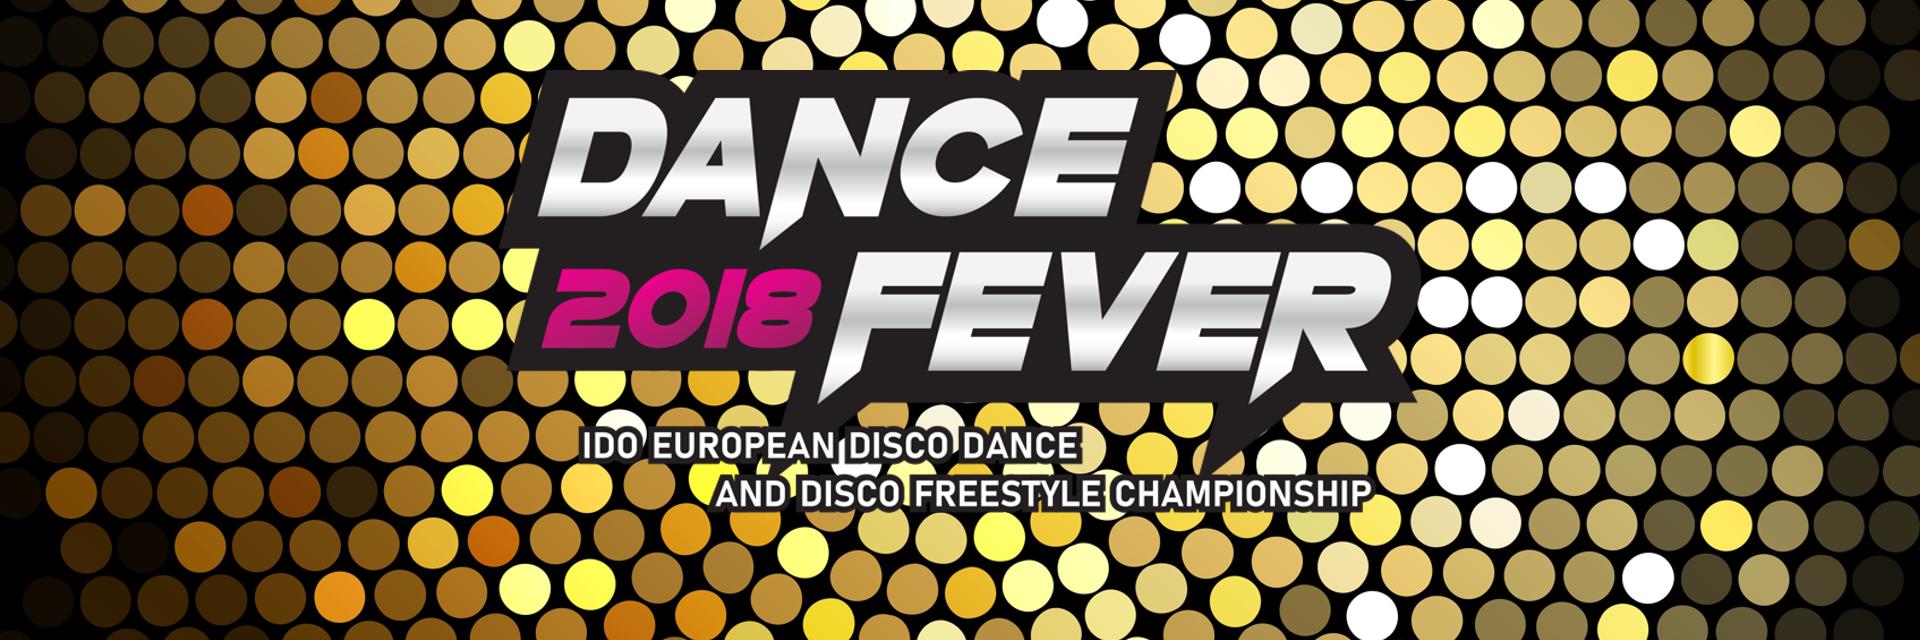 DANCE FEVER 2018